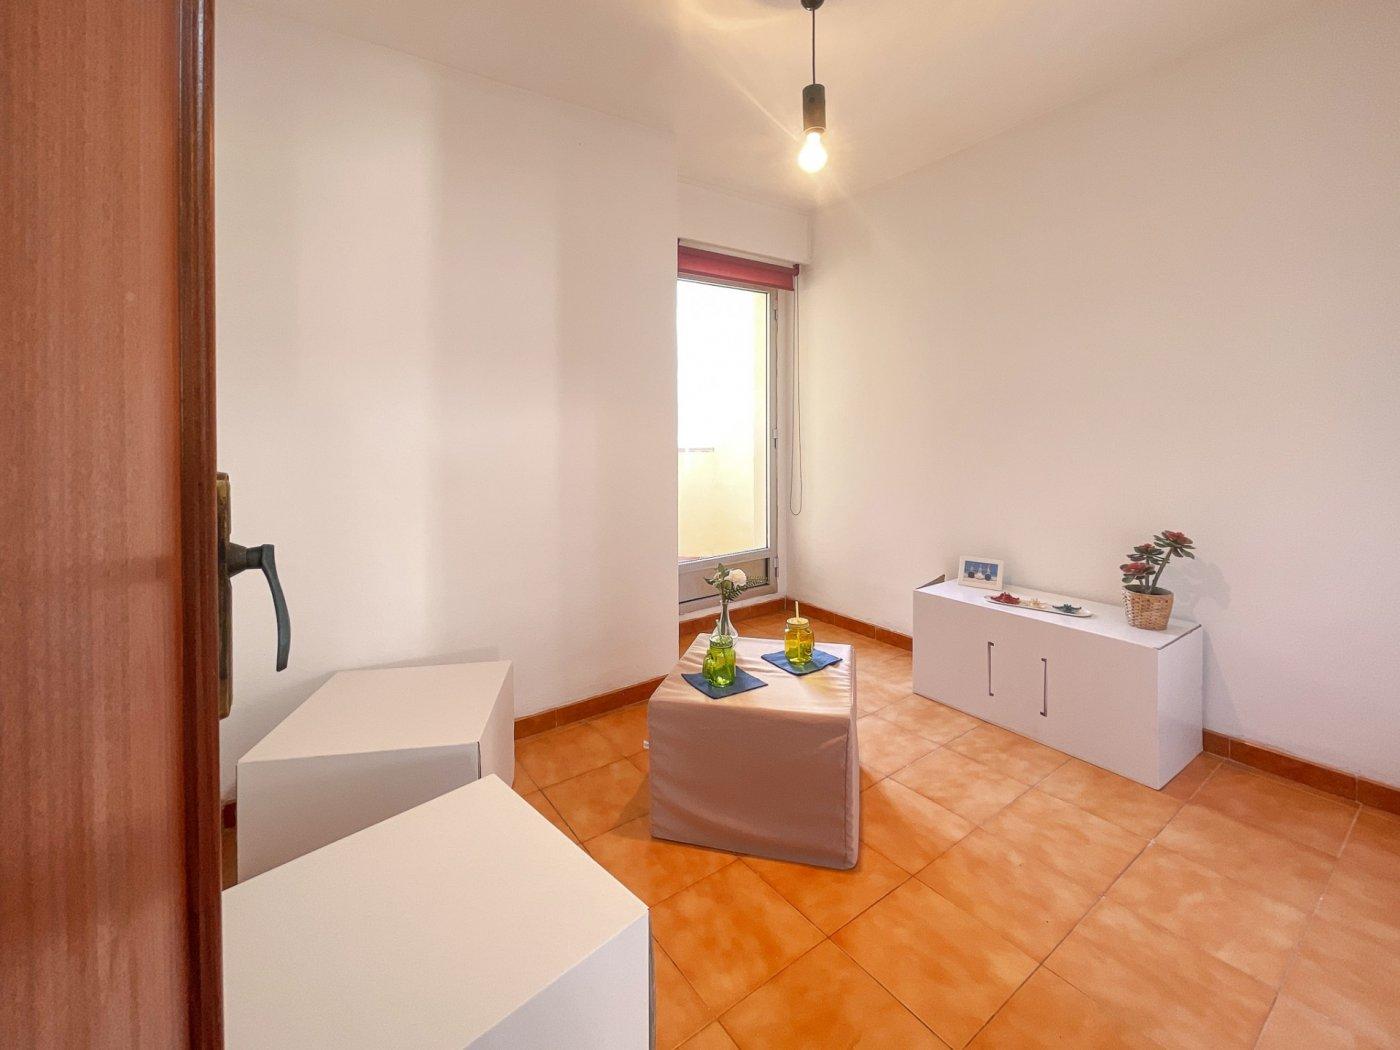 Estupendo piso muy soleado en plena avenida de la hispanidad de alcoy!! - imagenInmueble24